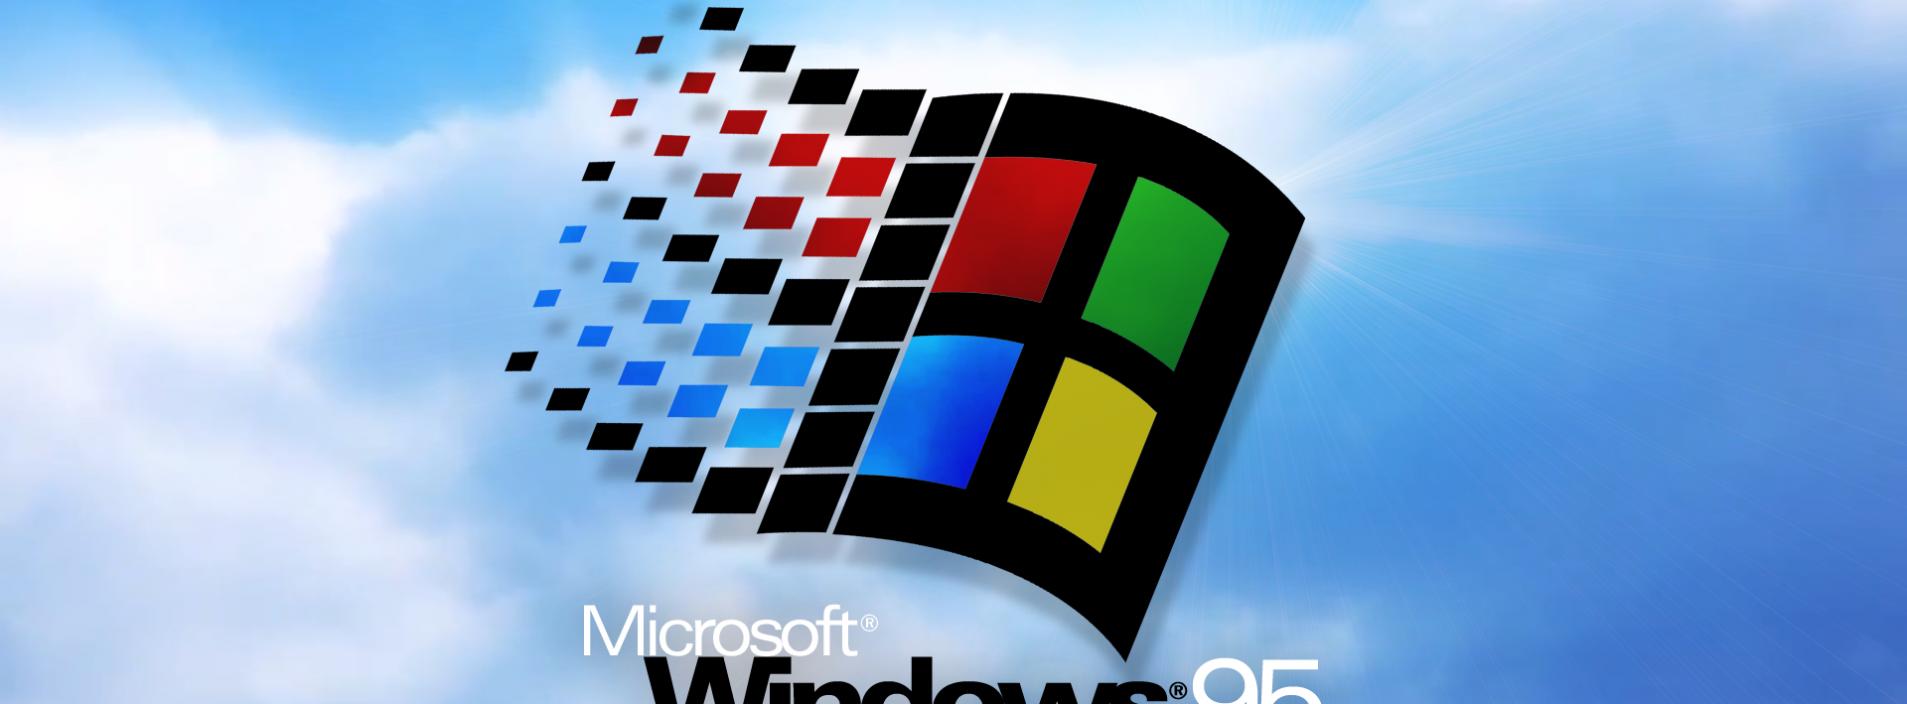 Com 22 anos de vida Windows 95 ainda está em uso pelo mundo a fora